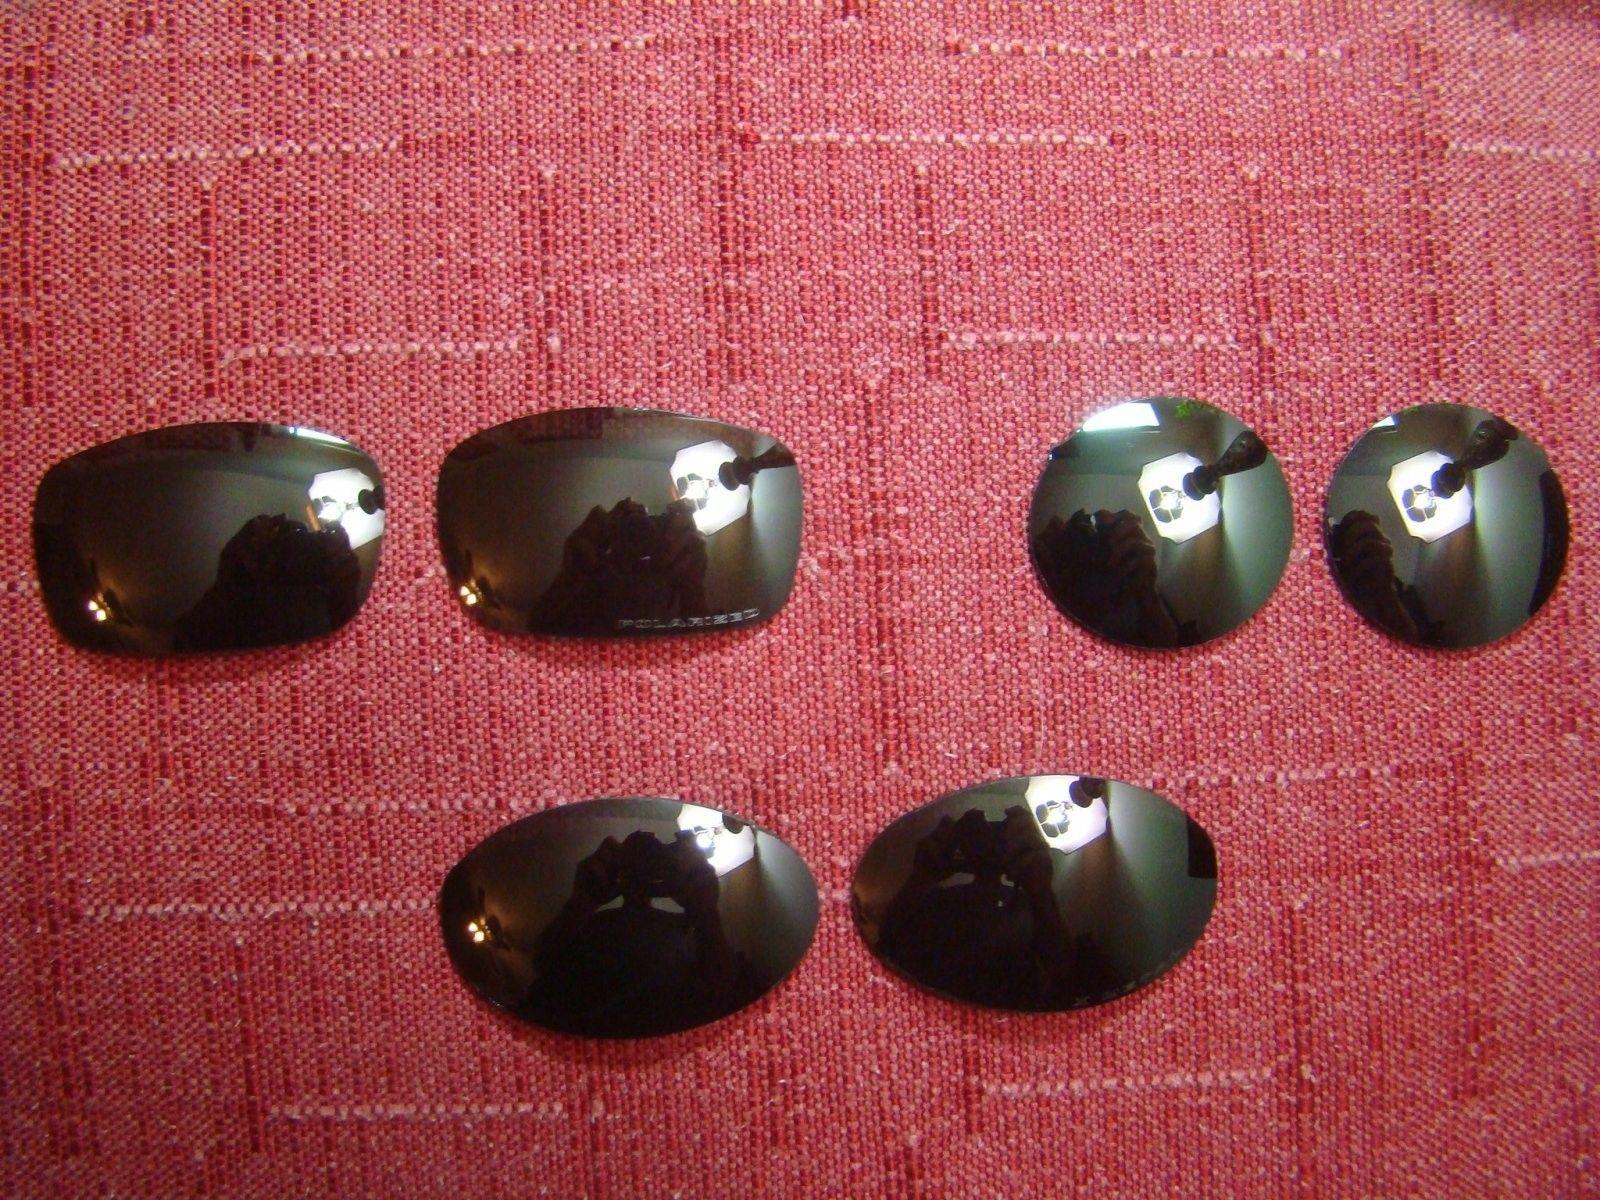 Mars OEM BI Lenses - Lenses2.jpg